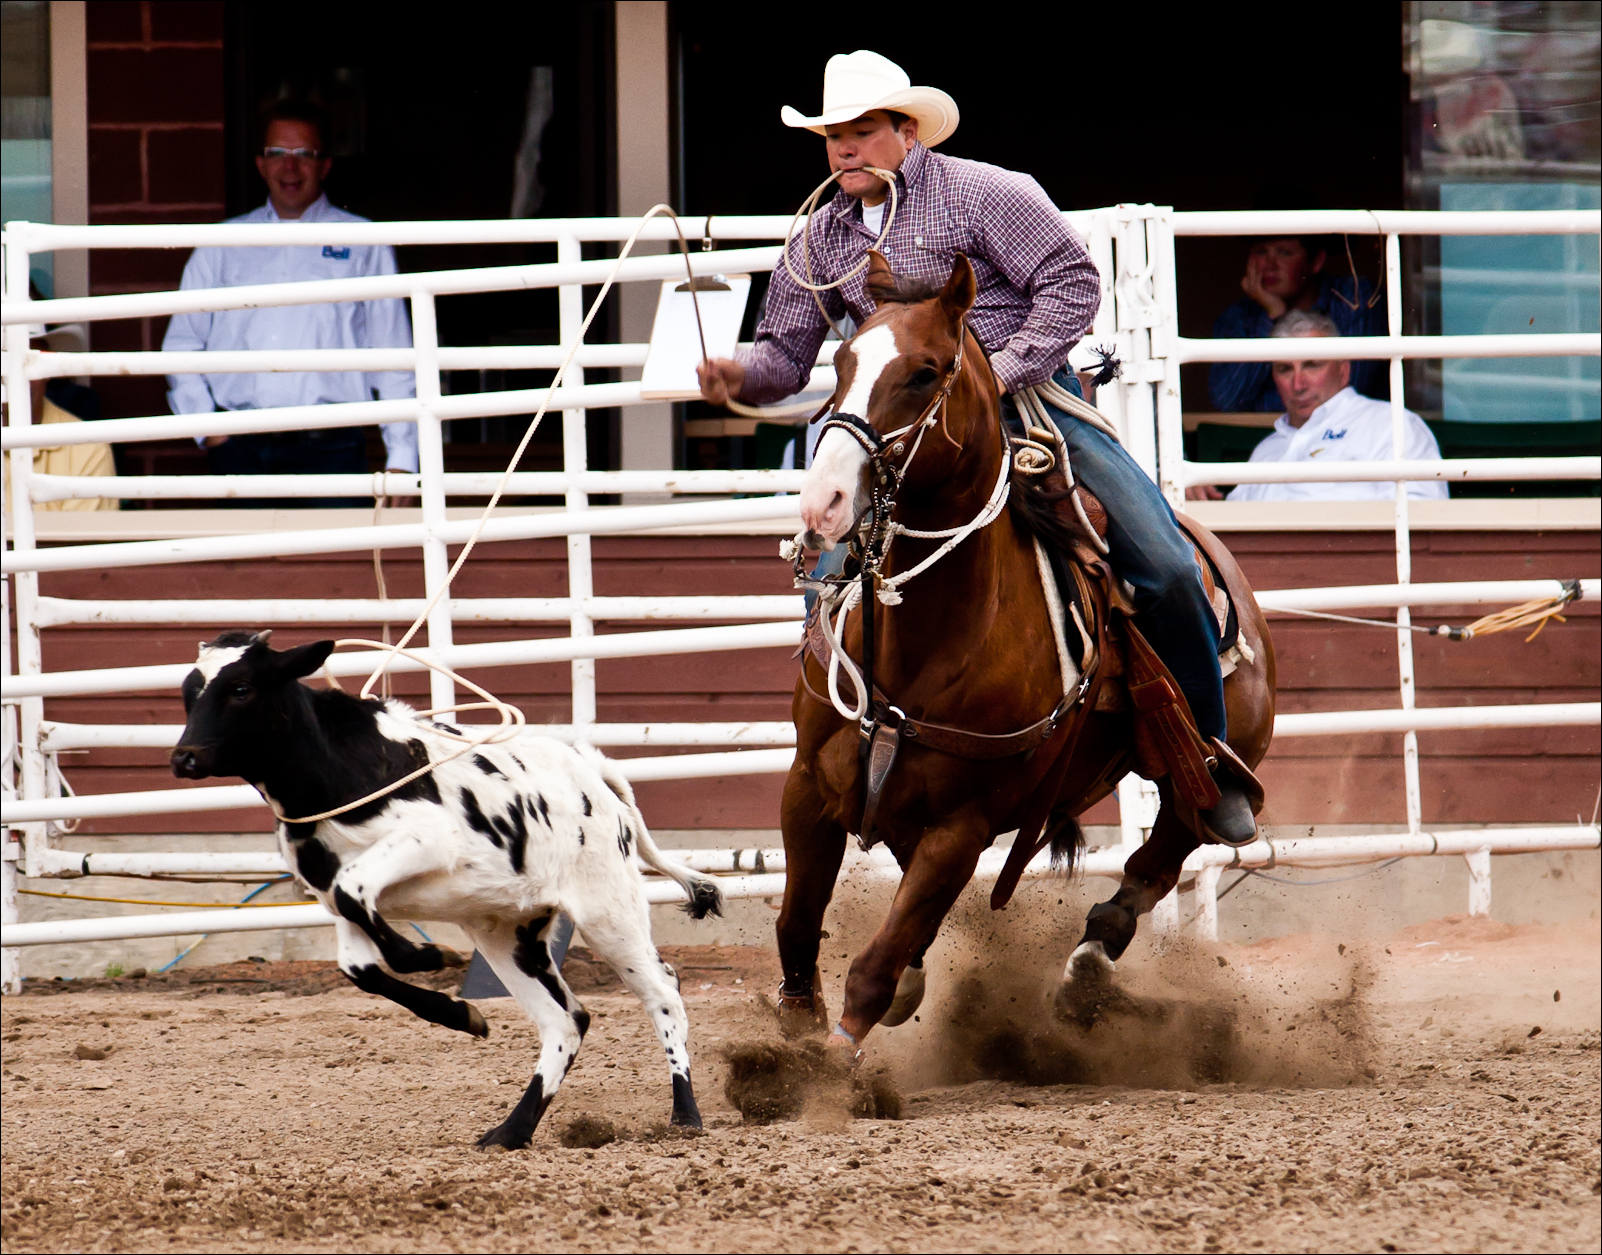 rodeo-finals-0486.jpg